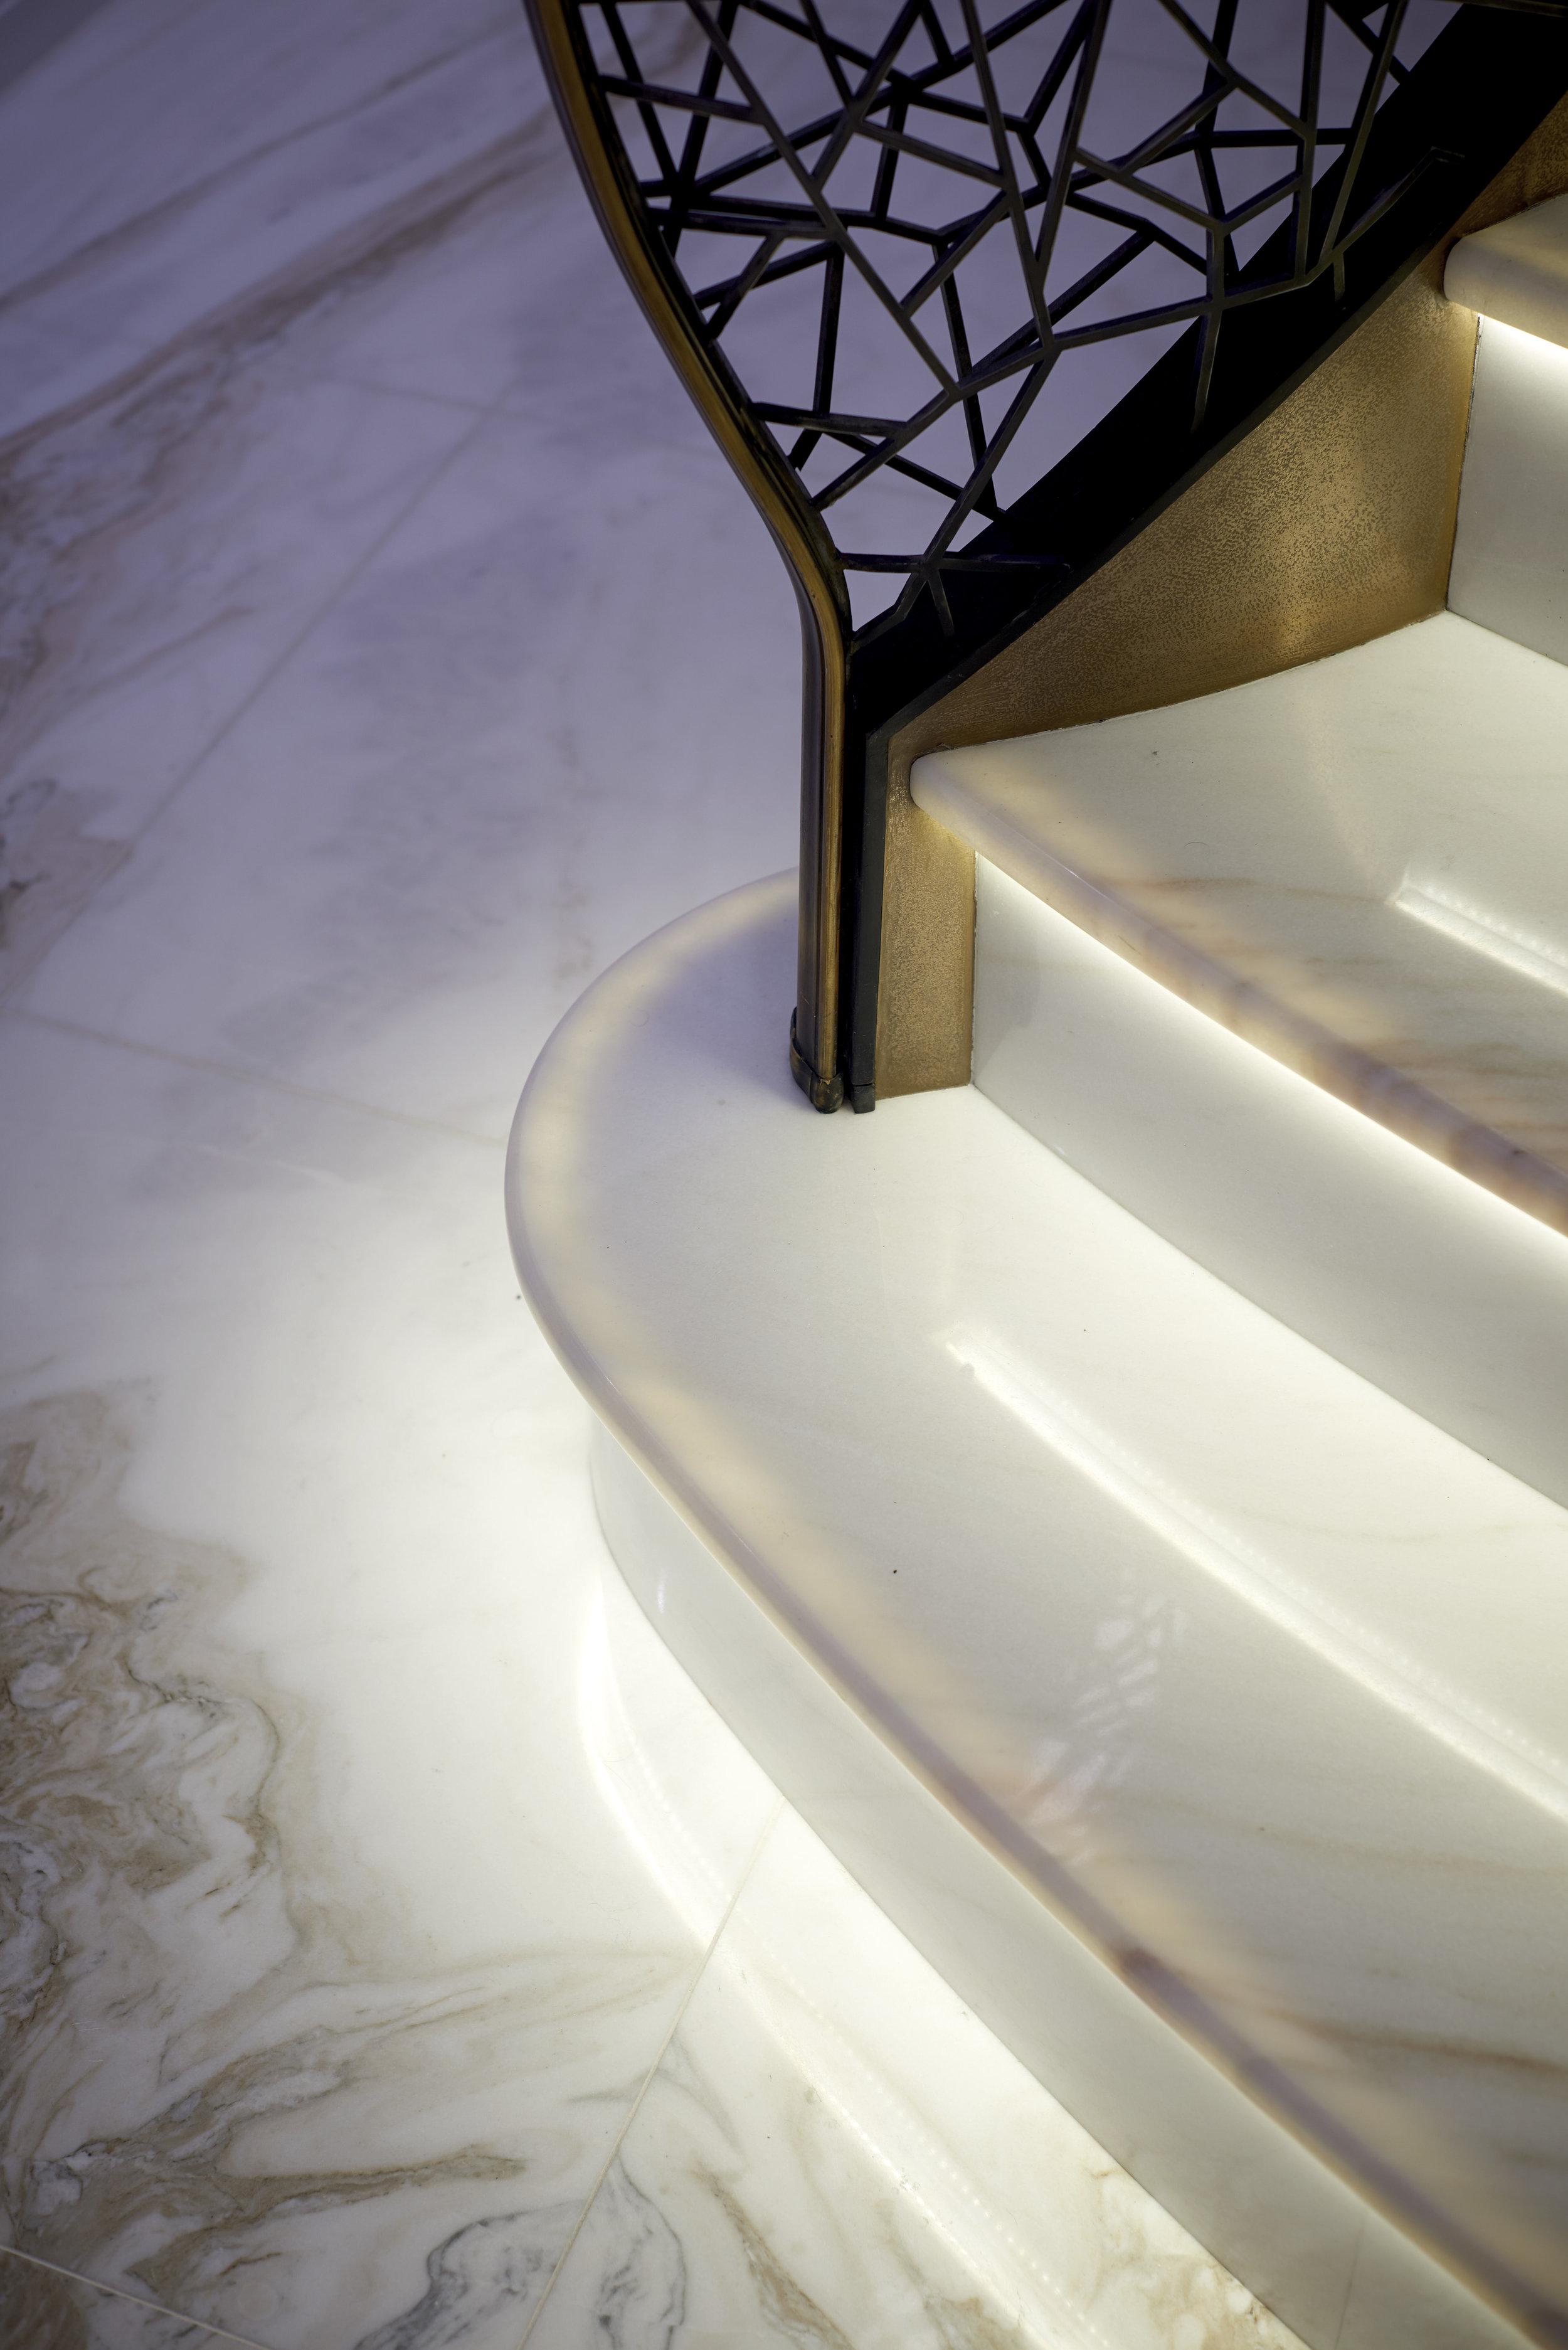 Stairs_362_RT.jpg